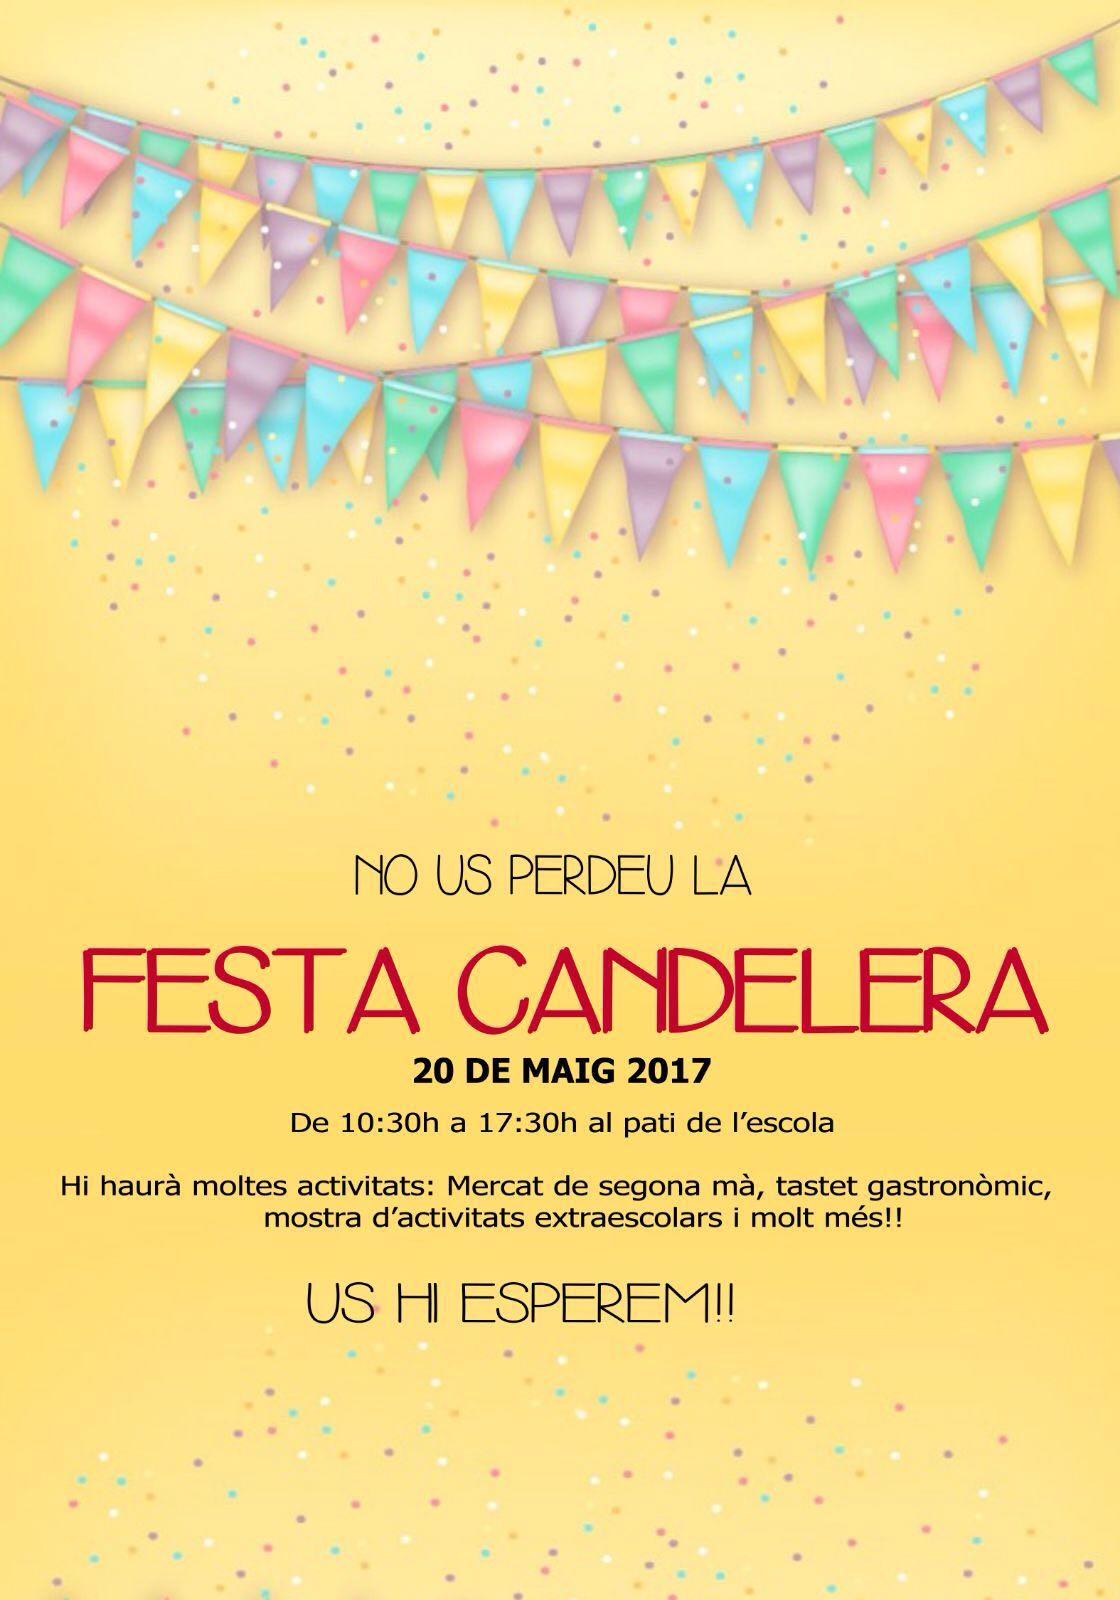 Festa Candelera 2017